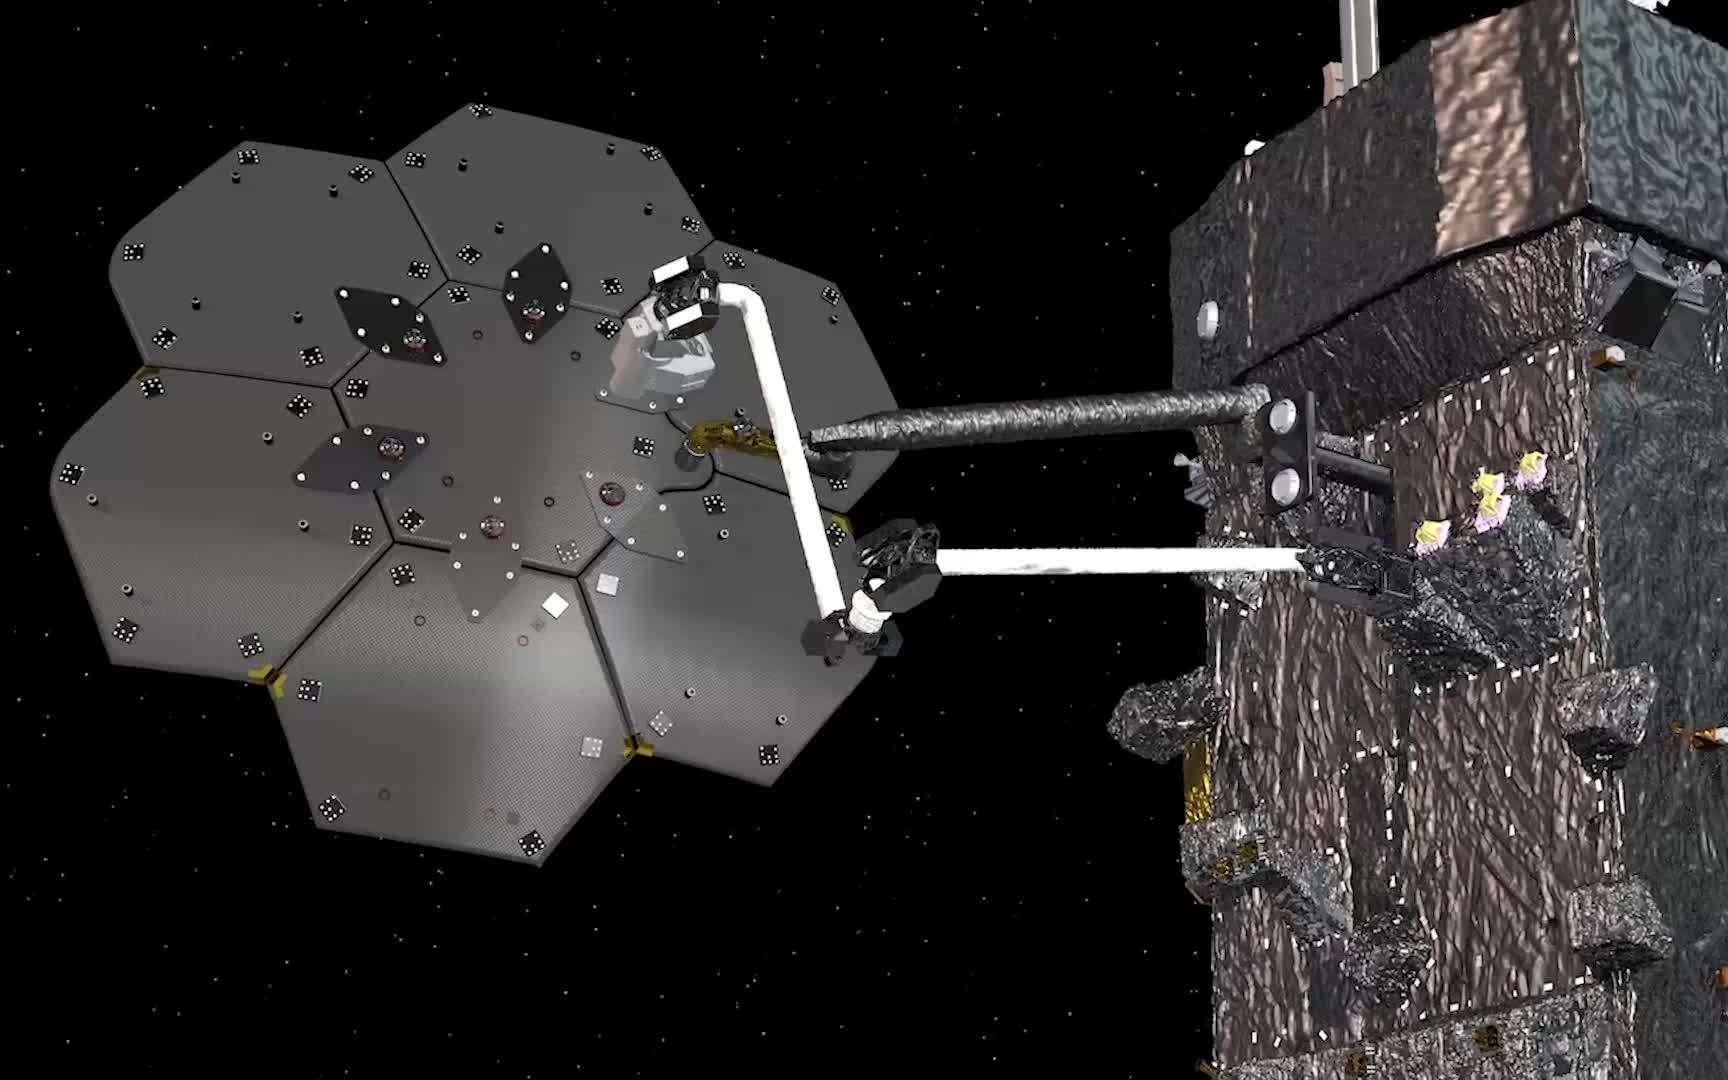 Installés sur le satellite Restor-L de la Nasa, le robot Spider et son bras de 5 mètres assemblent une antenne de communication de 3 mètres de diamètre. © Maxar Technologies